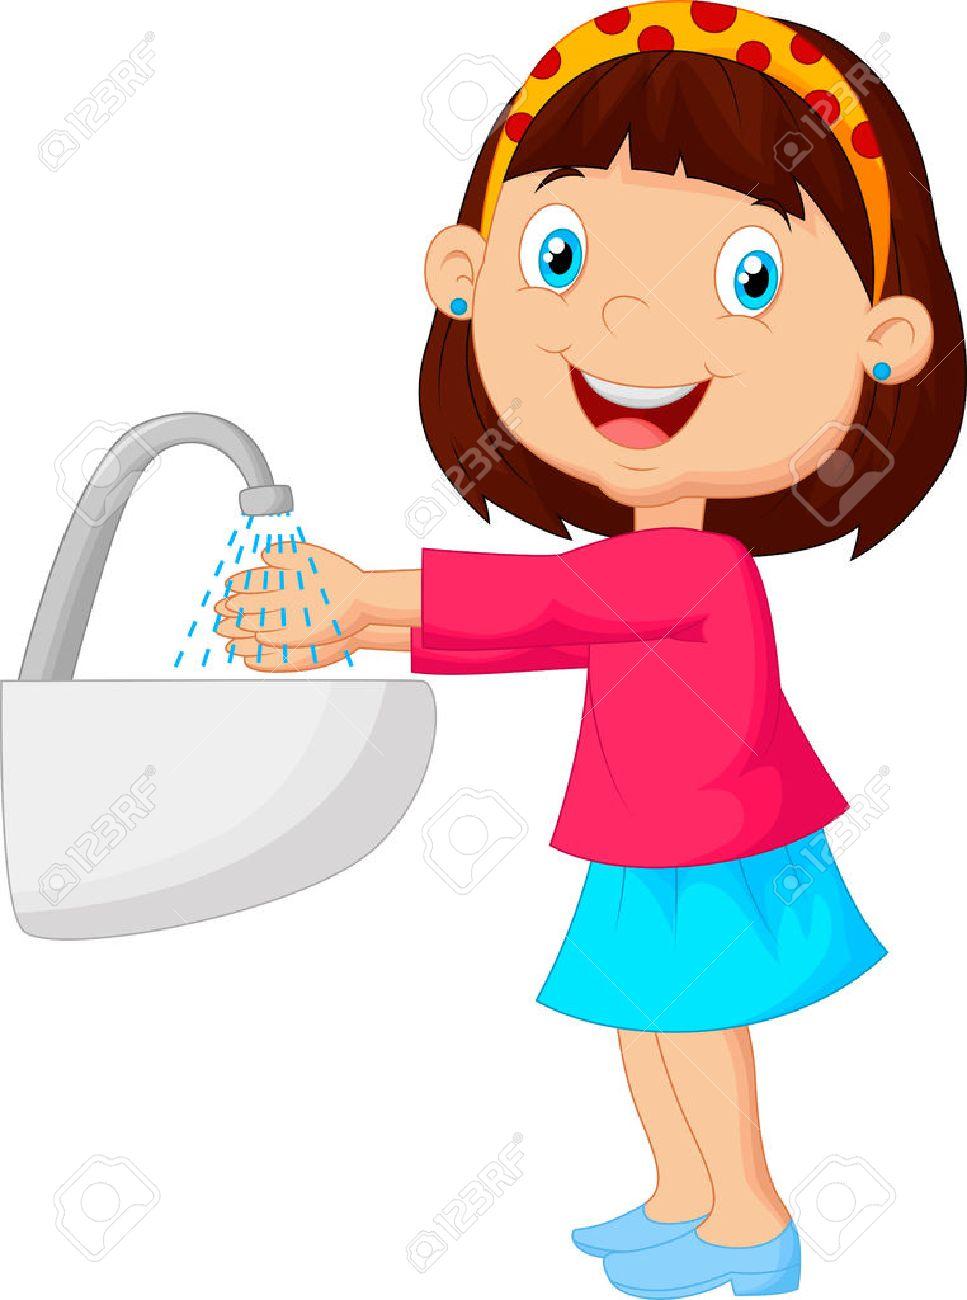 Cute cartoon girl washing her hands - 35863214